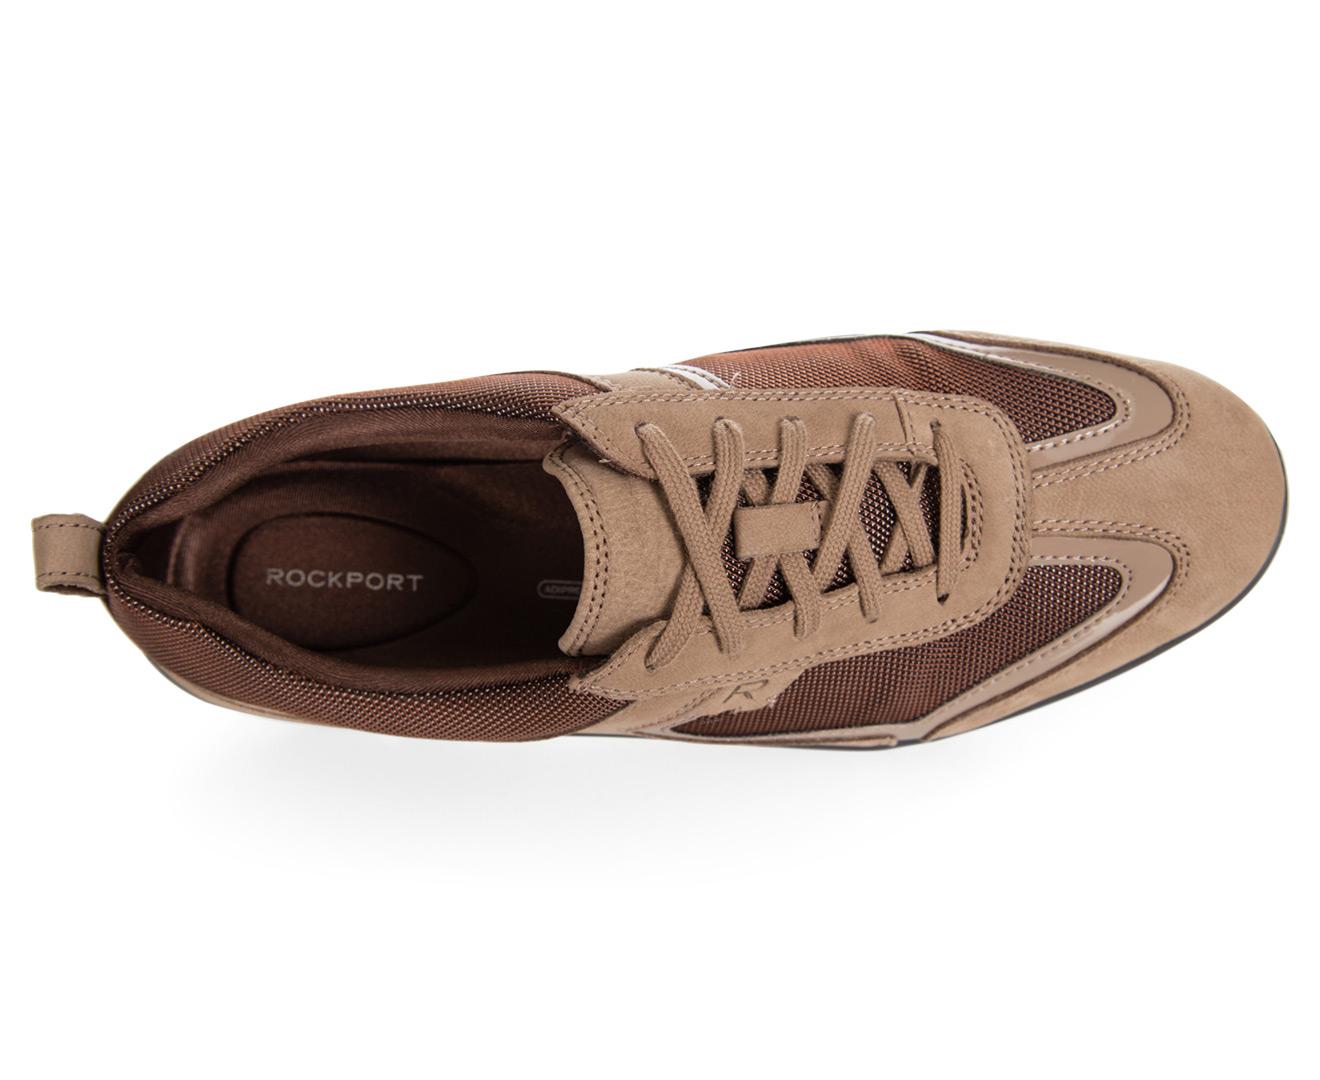 Rockport Womens Sneaker Shoe Model